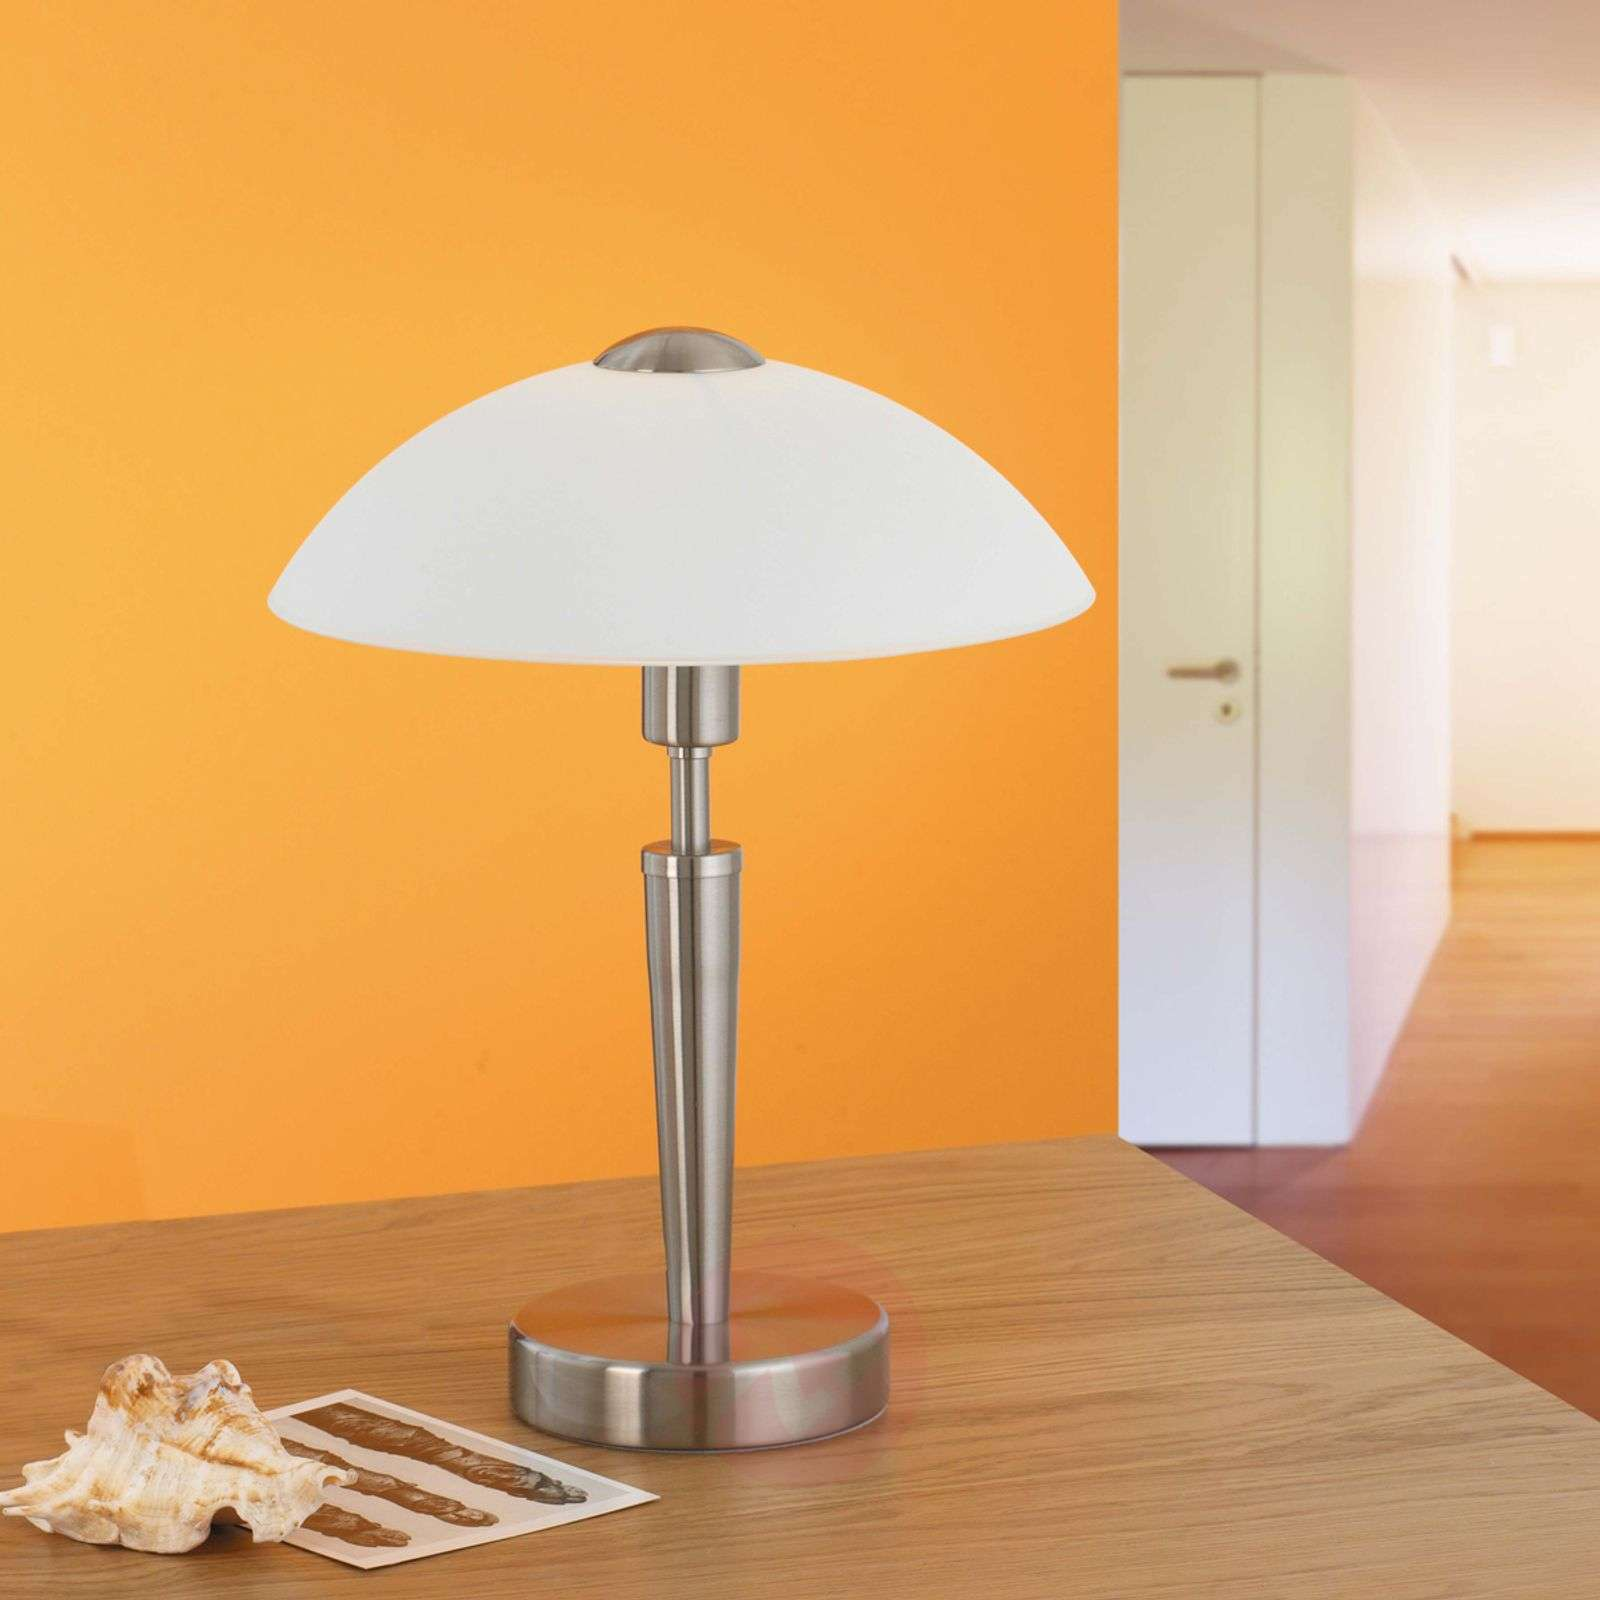 Salut-yöpöytävalaisin, nikkeli, valkoinen-3001579-01